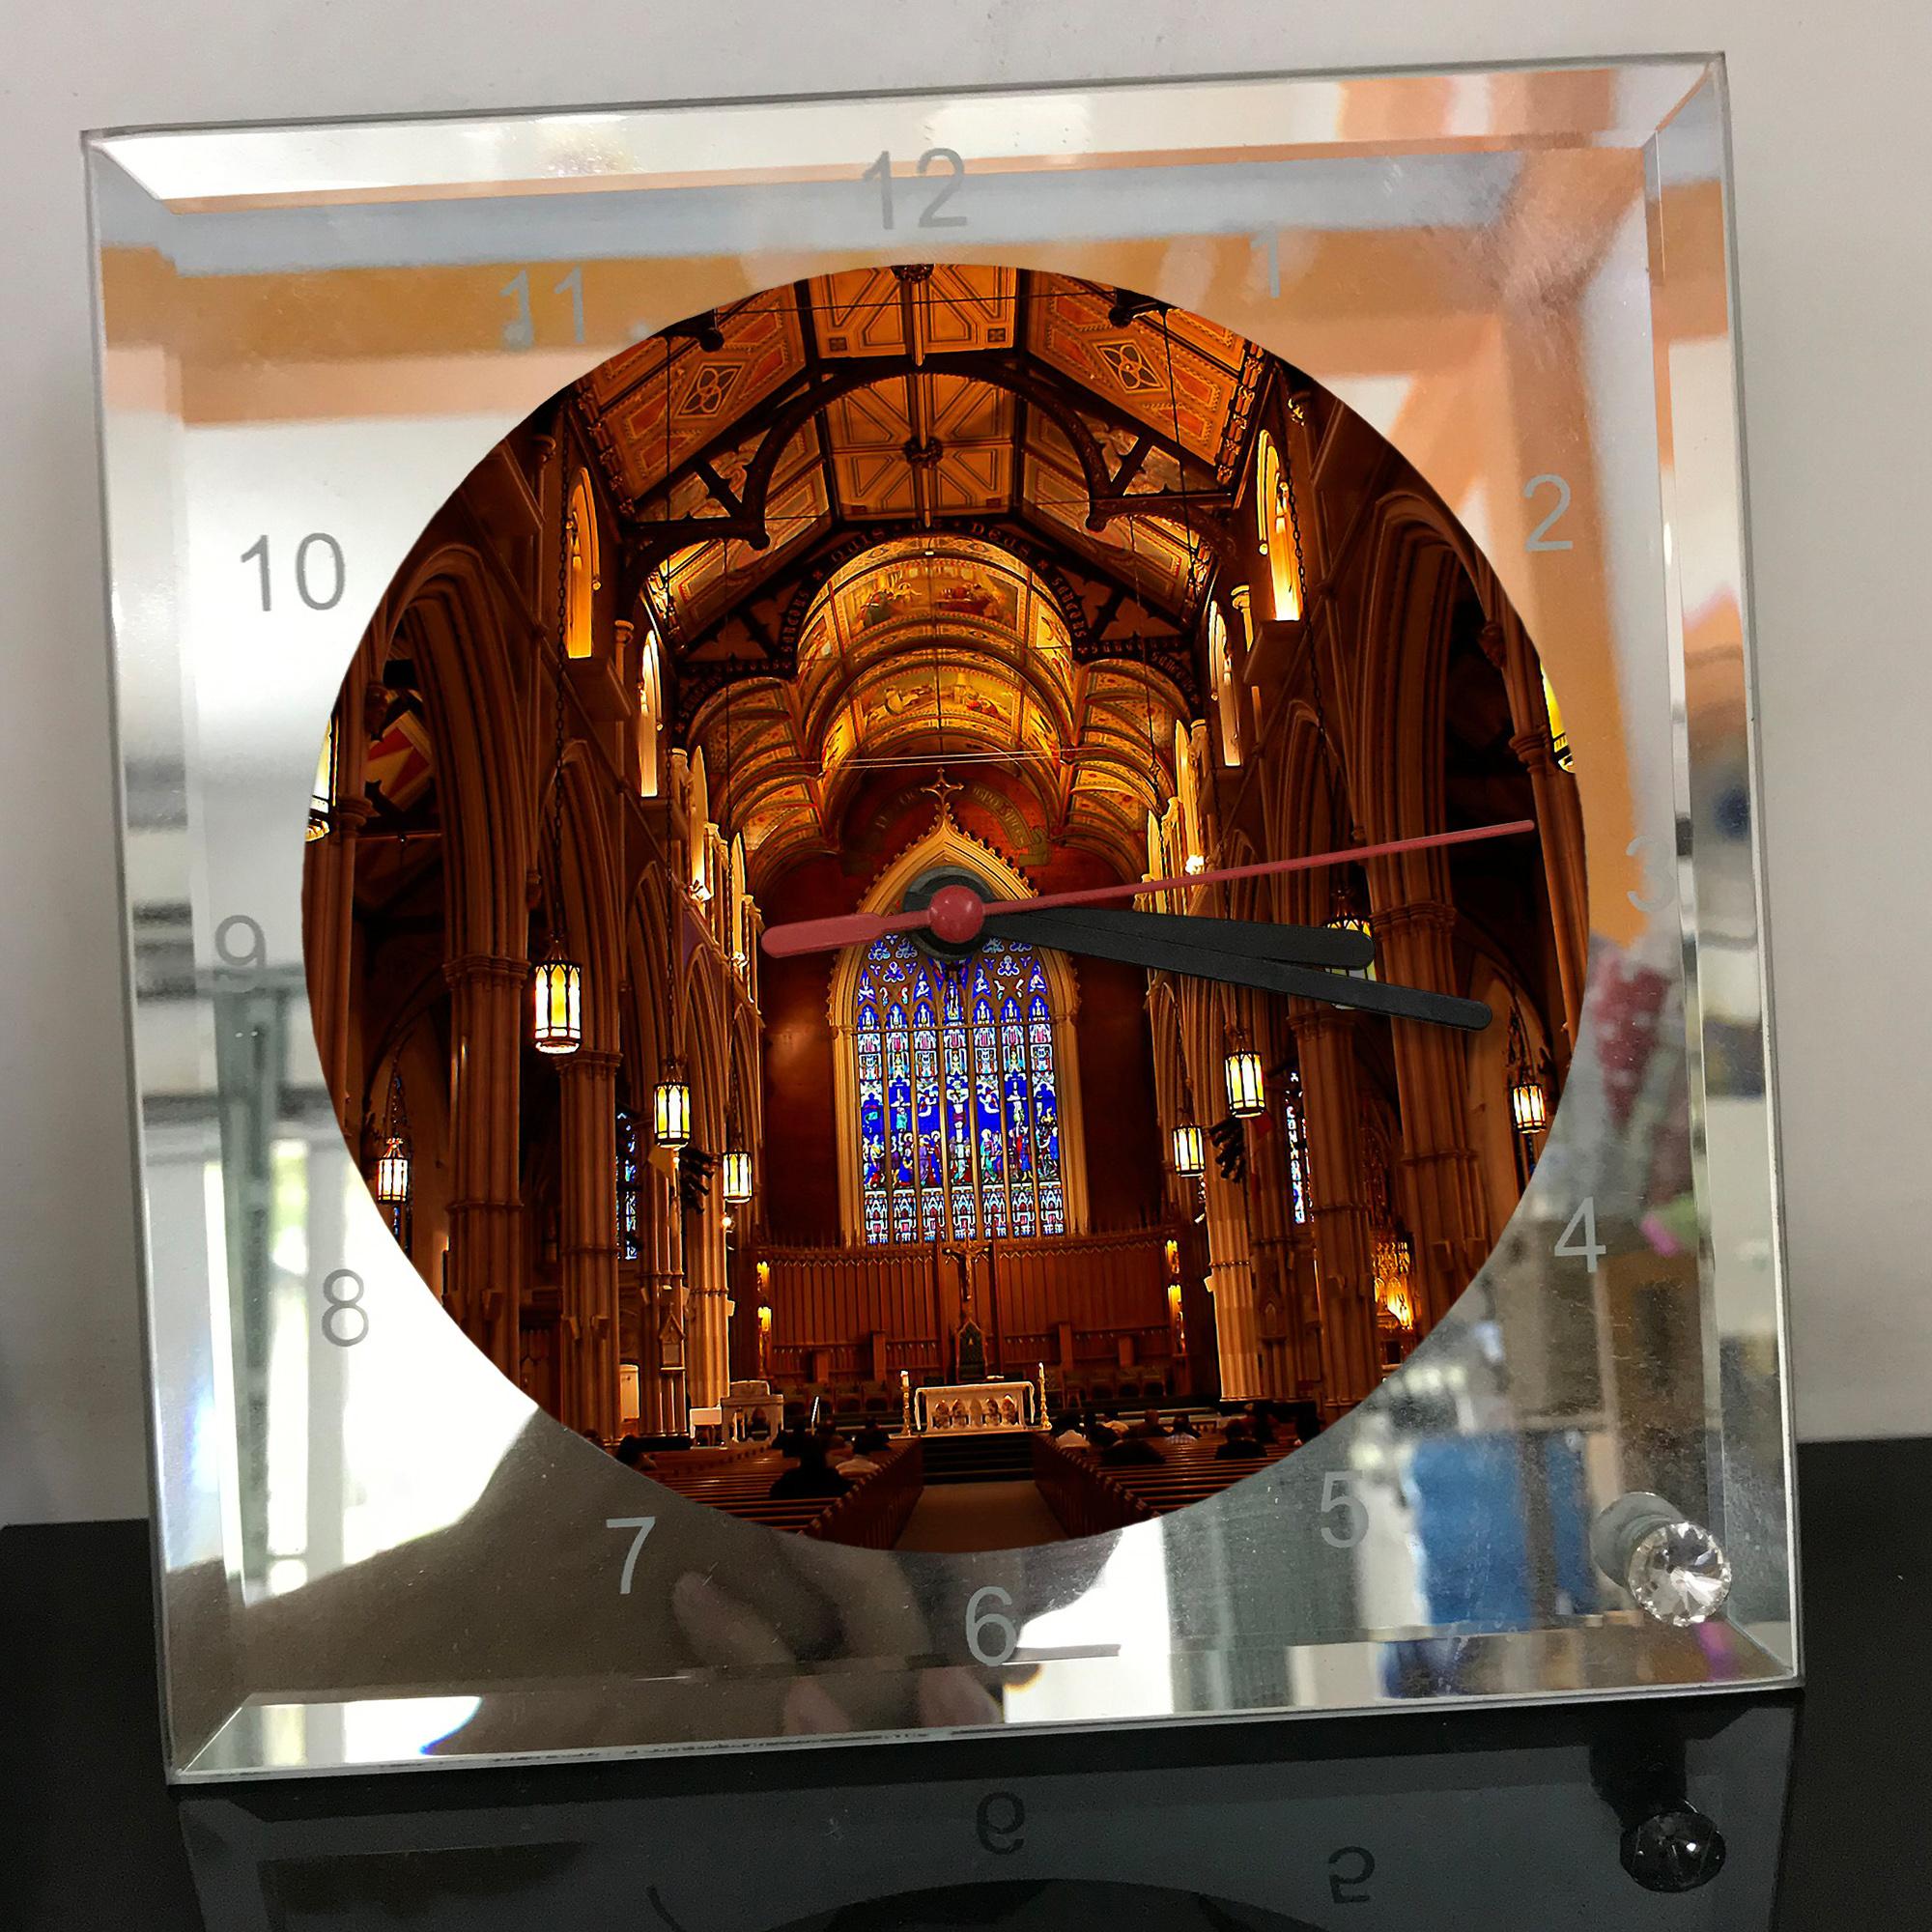 Đồng hồ thủy tinh vuông 20x20 in hình Cathedral - nhà thờ chính tòa (3) . Đồng hồ thủy tinh để bàn trang trí đẹp chủ đề tôn giáo